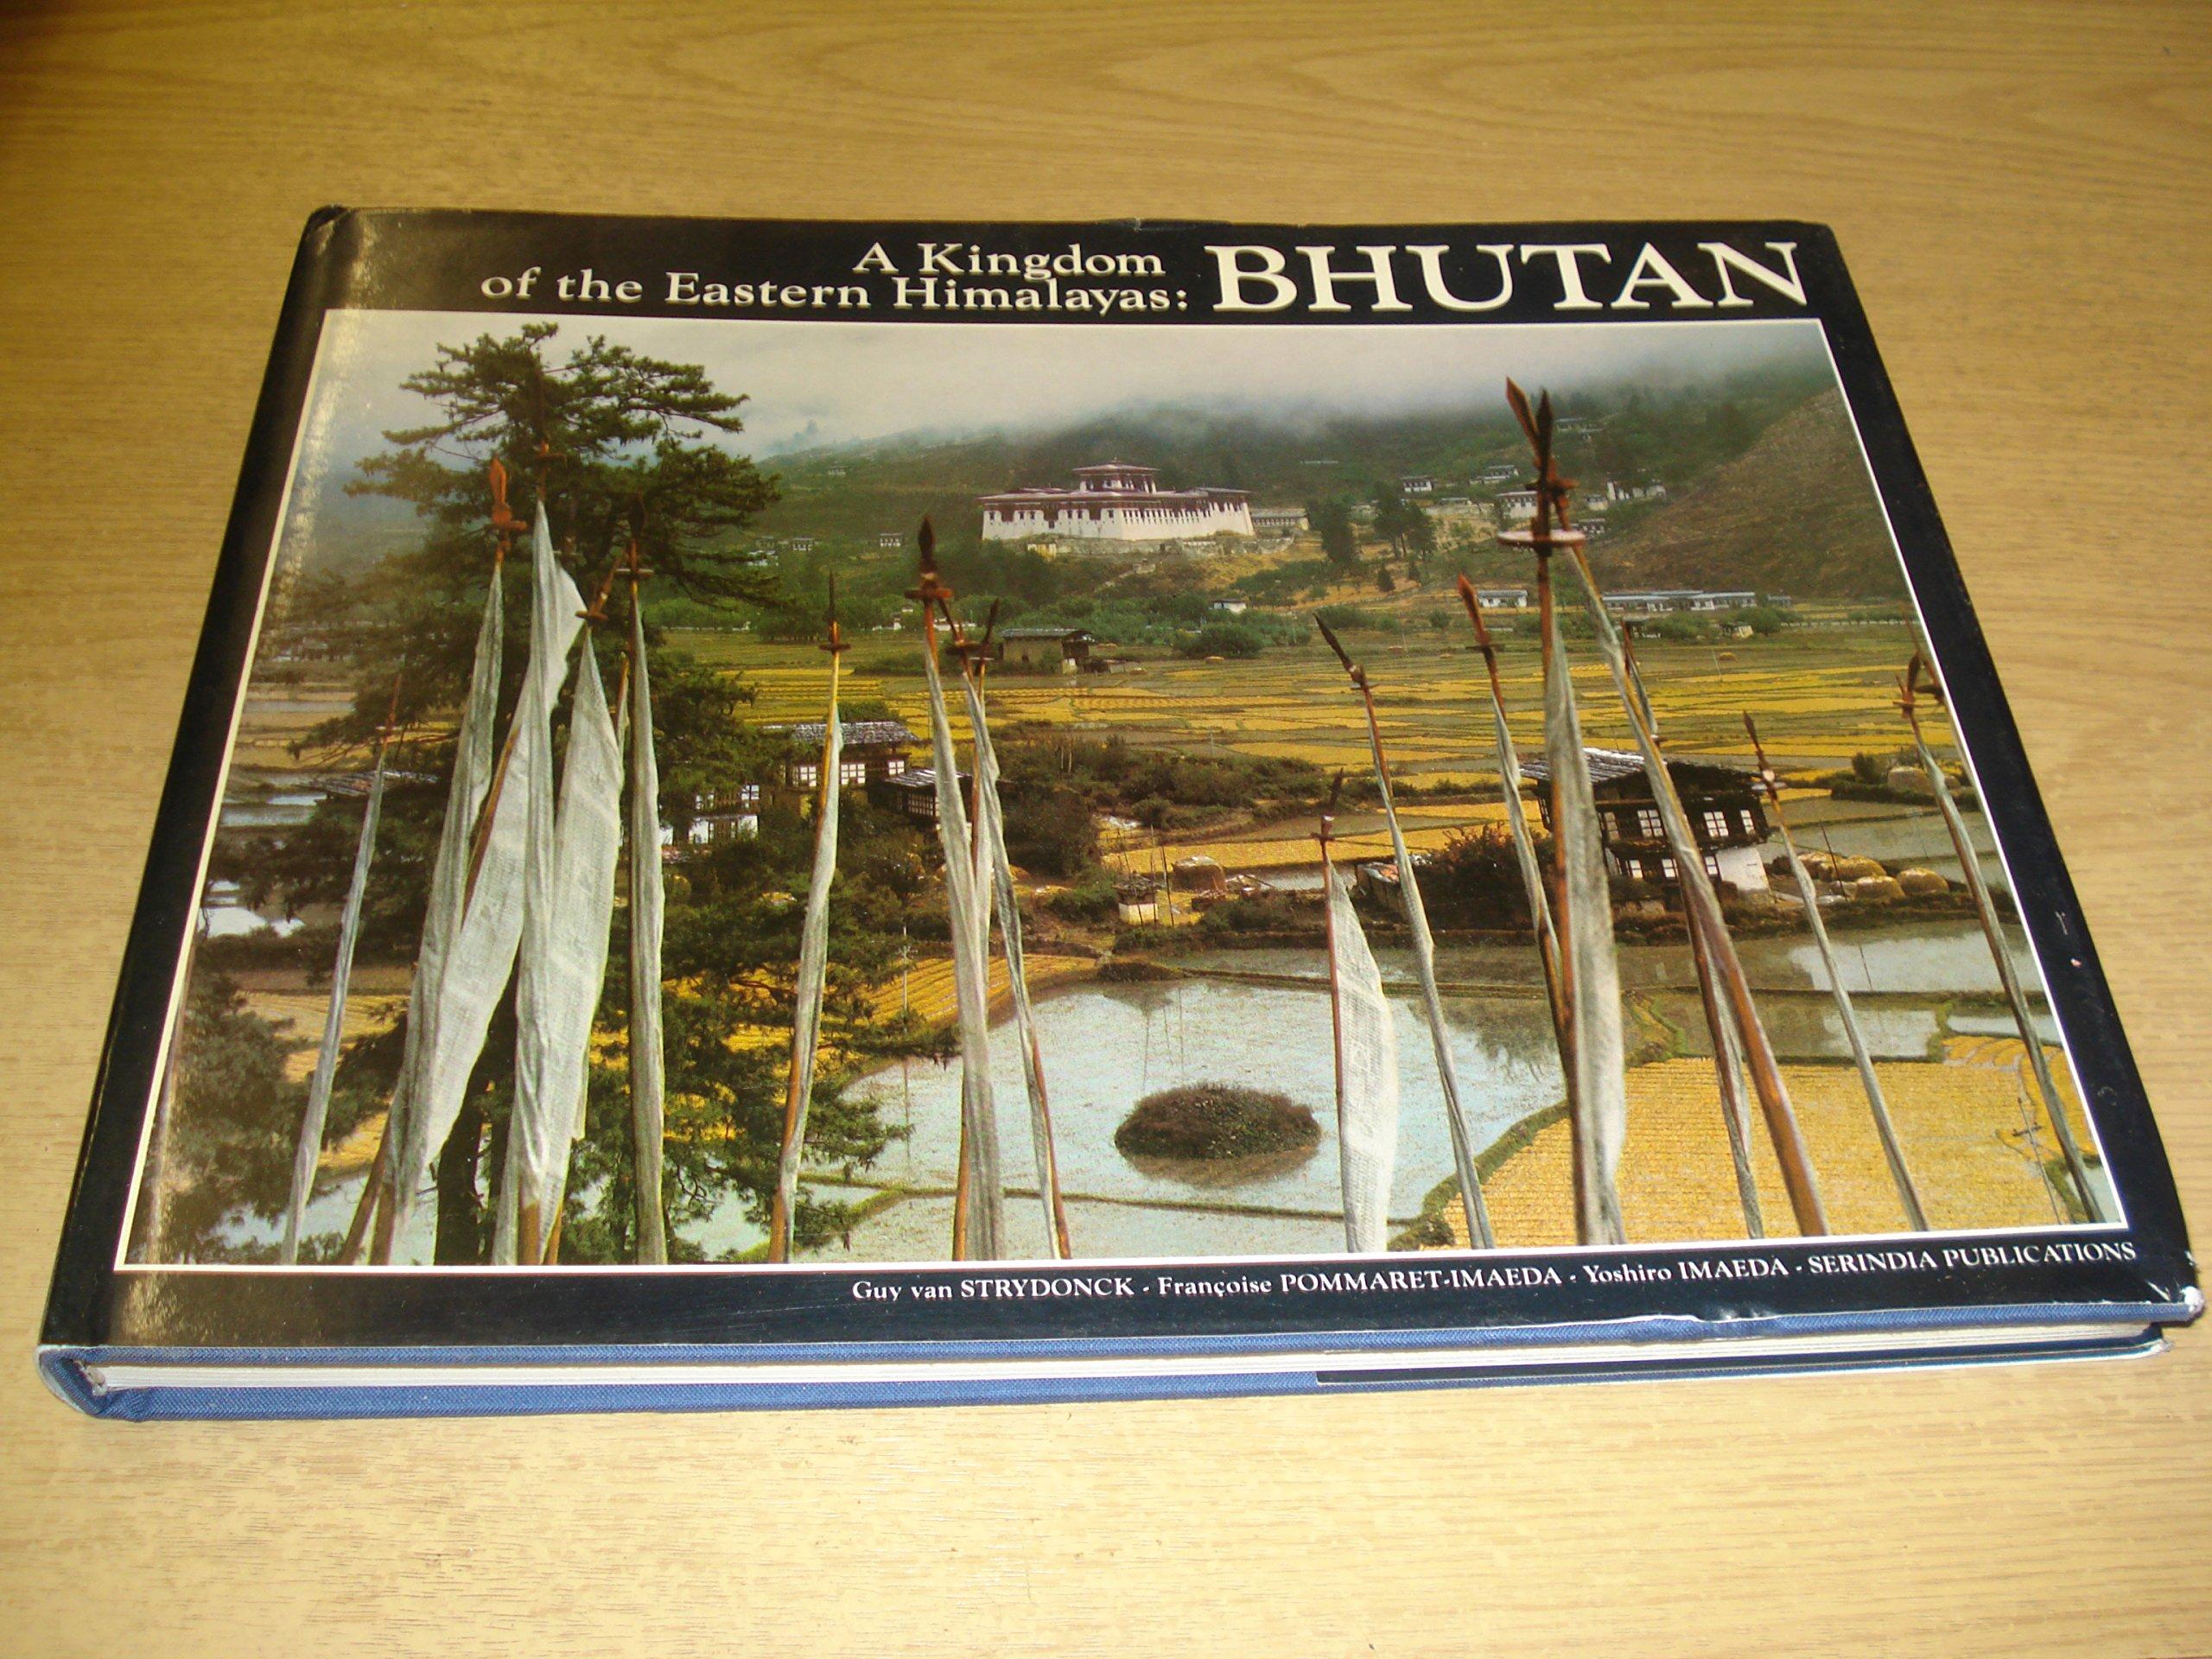 Bhutan: A Kingdom of the Eastern Himalayas